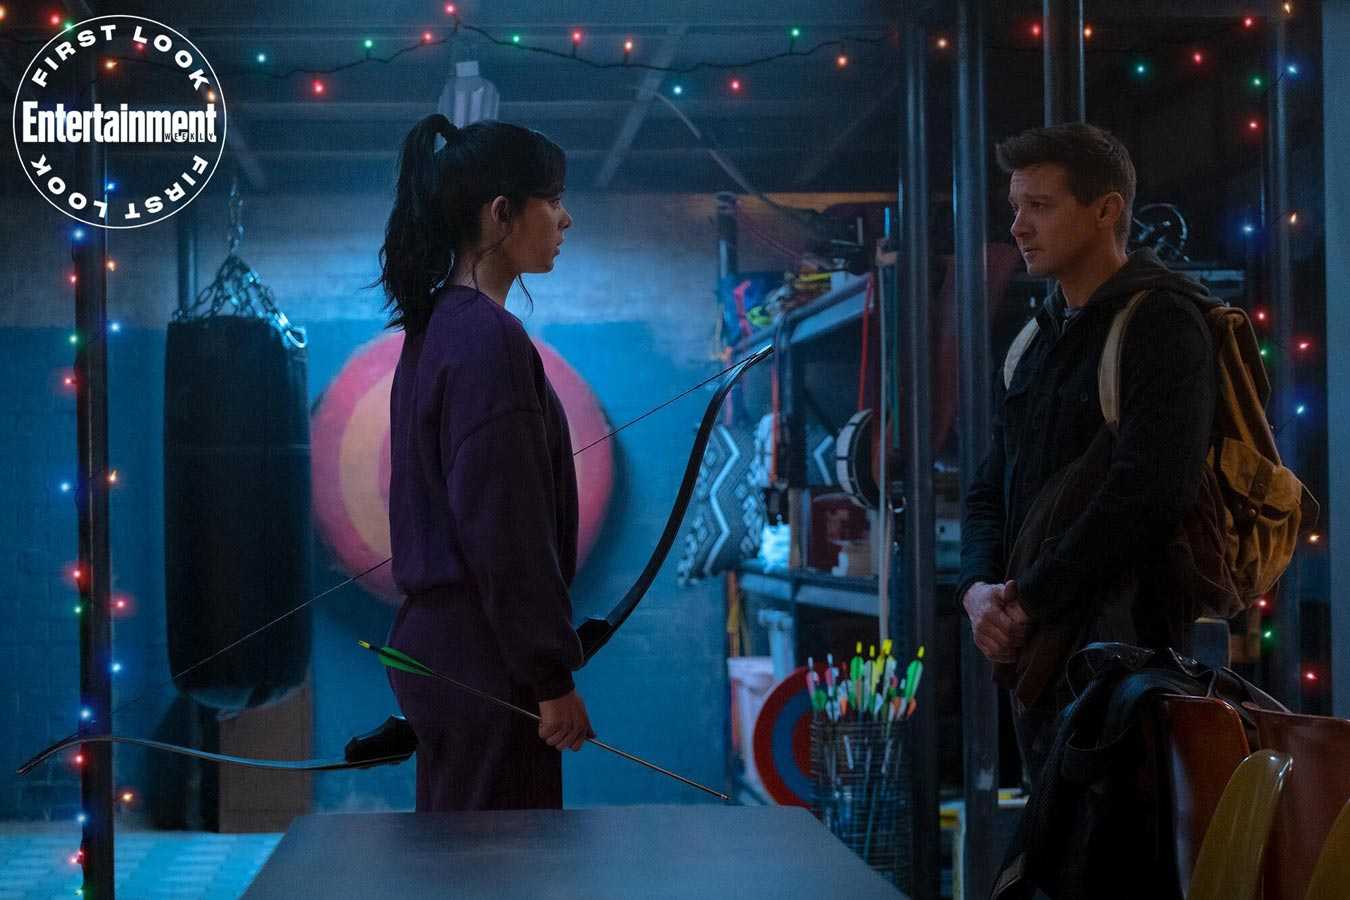 نخستین تصویر رسمی از سریال مورد انتظار و ابرقهرمانی هاکای